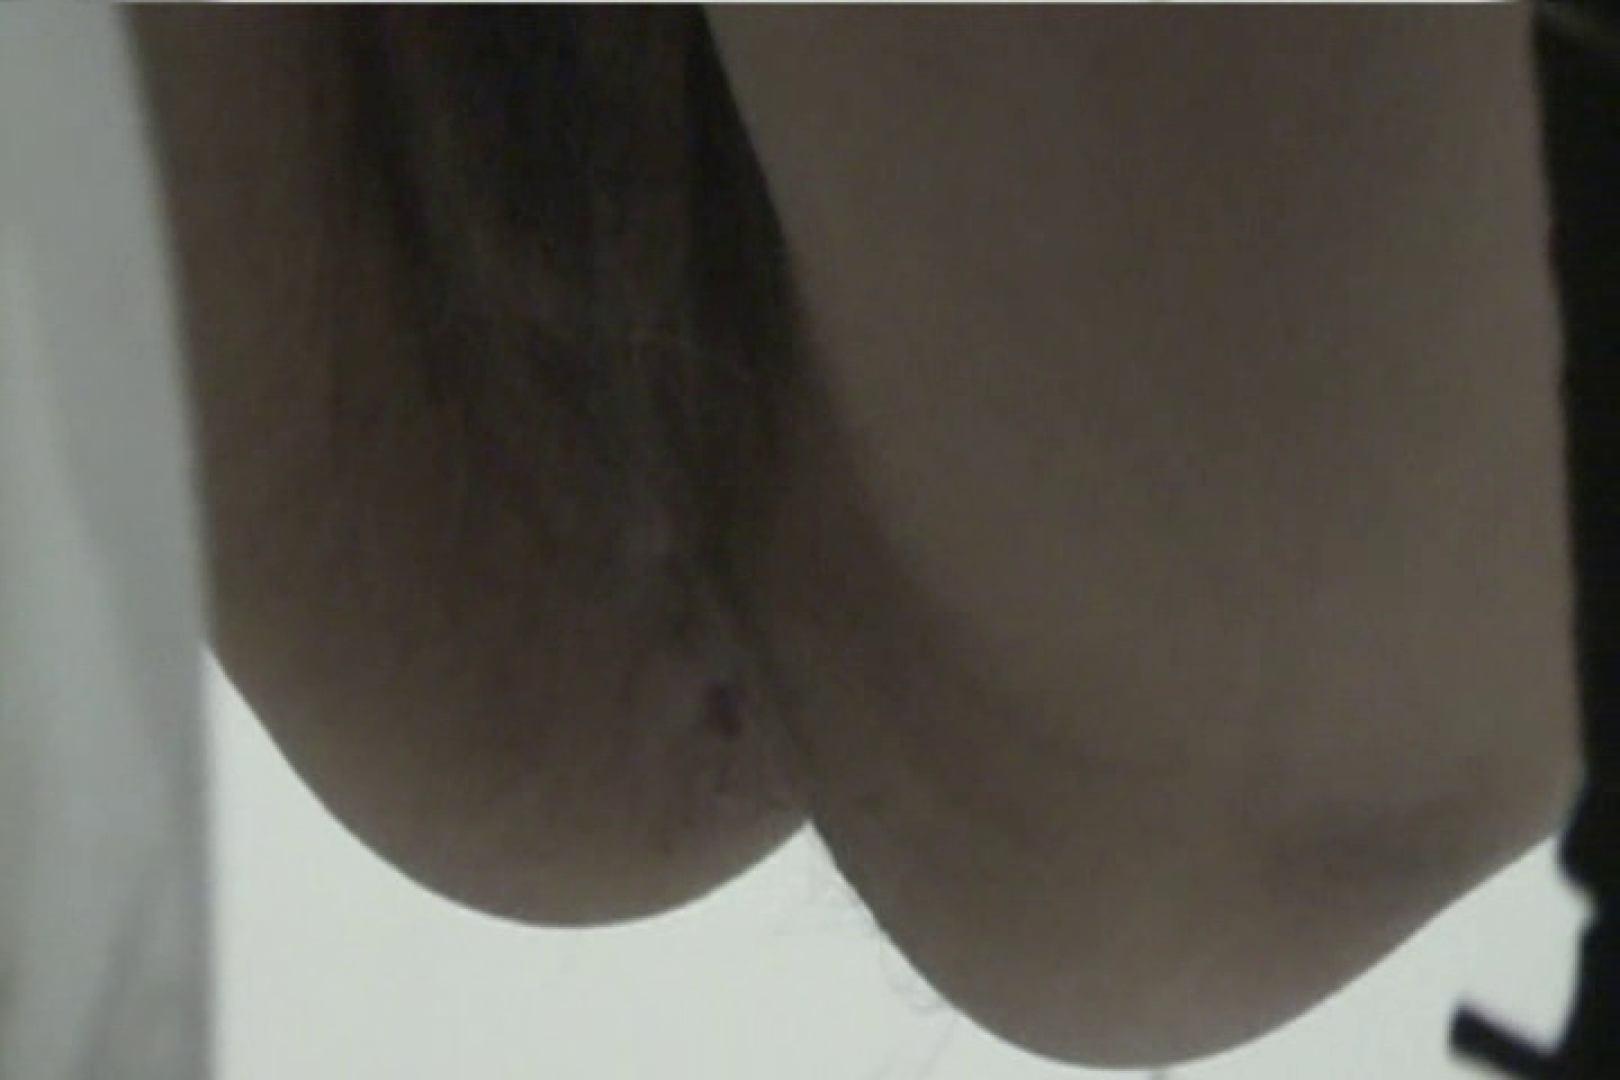 マンコ丸見え女子洗面所Vol.24 無修正マンコ すけべAV動画紹介 91PIX 51